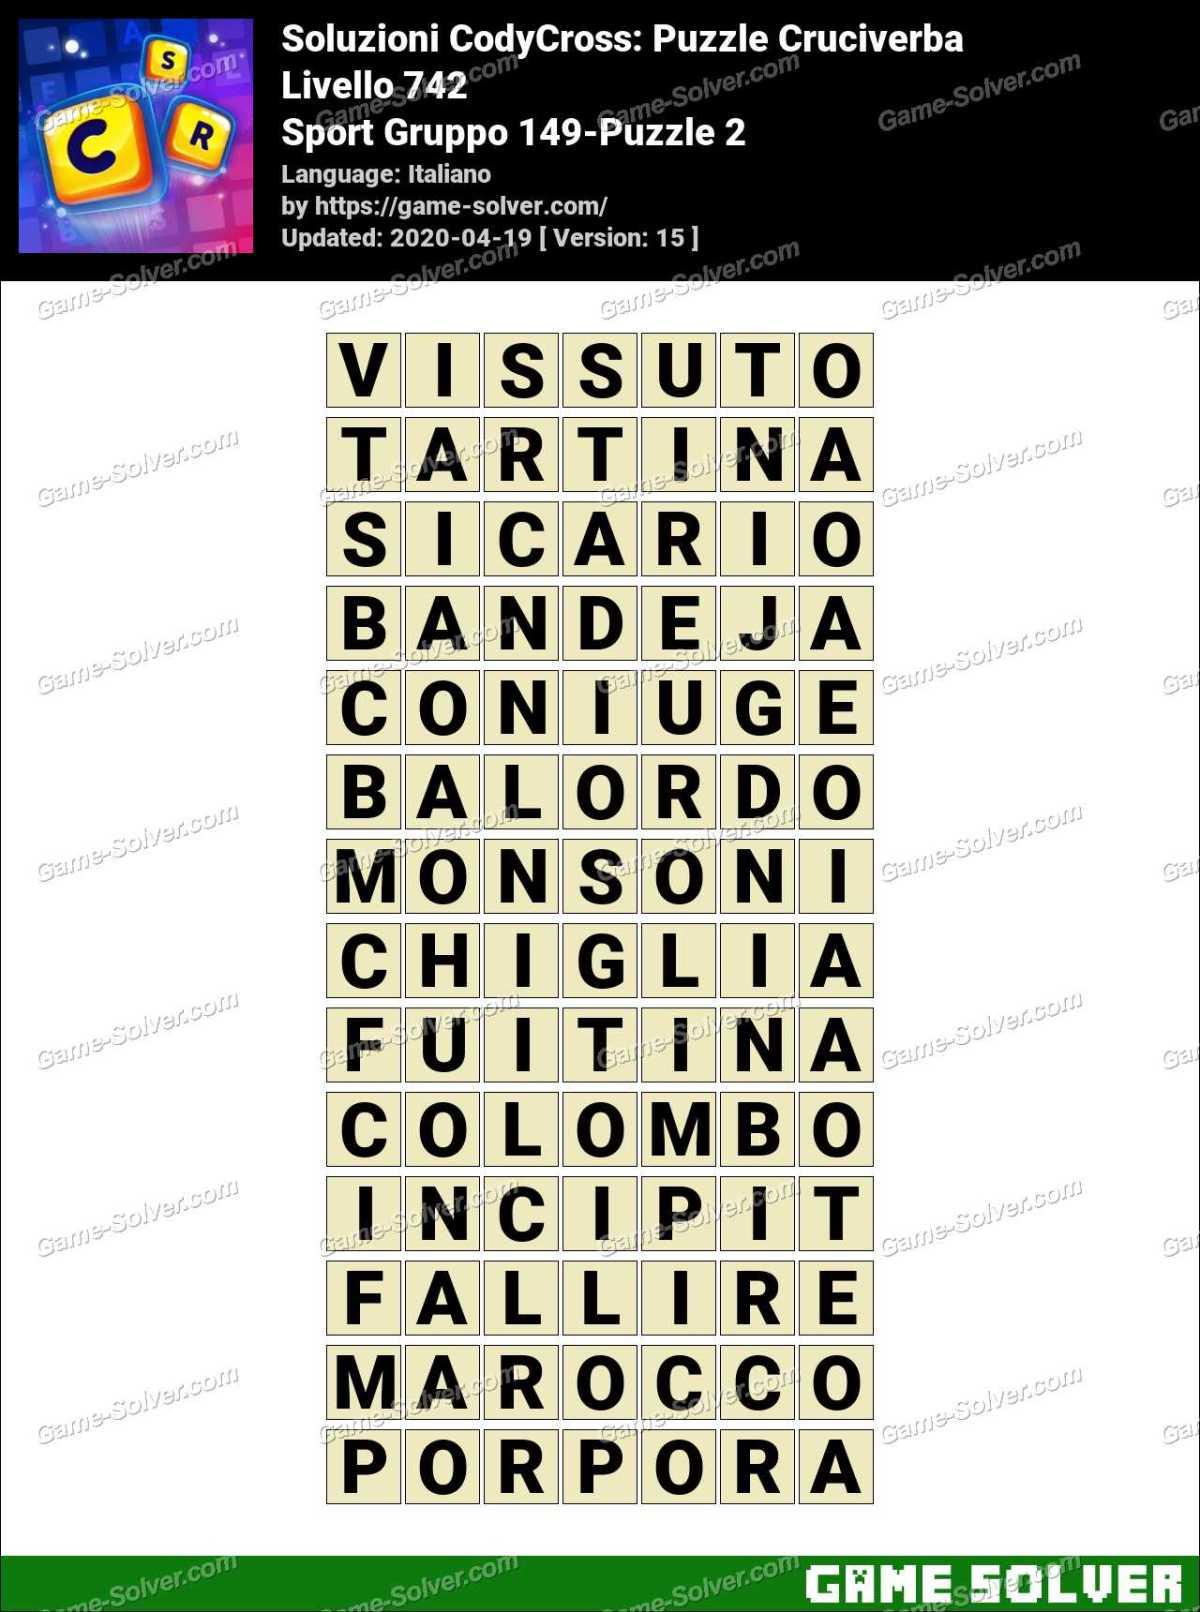 Soluzioni CodyCross Sport Gruppo 149-Puzzle 2